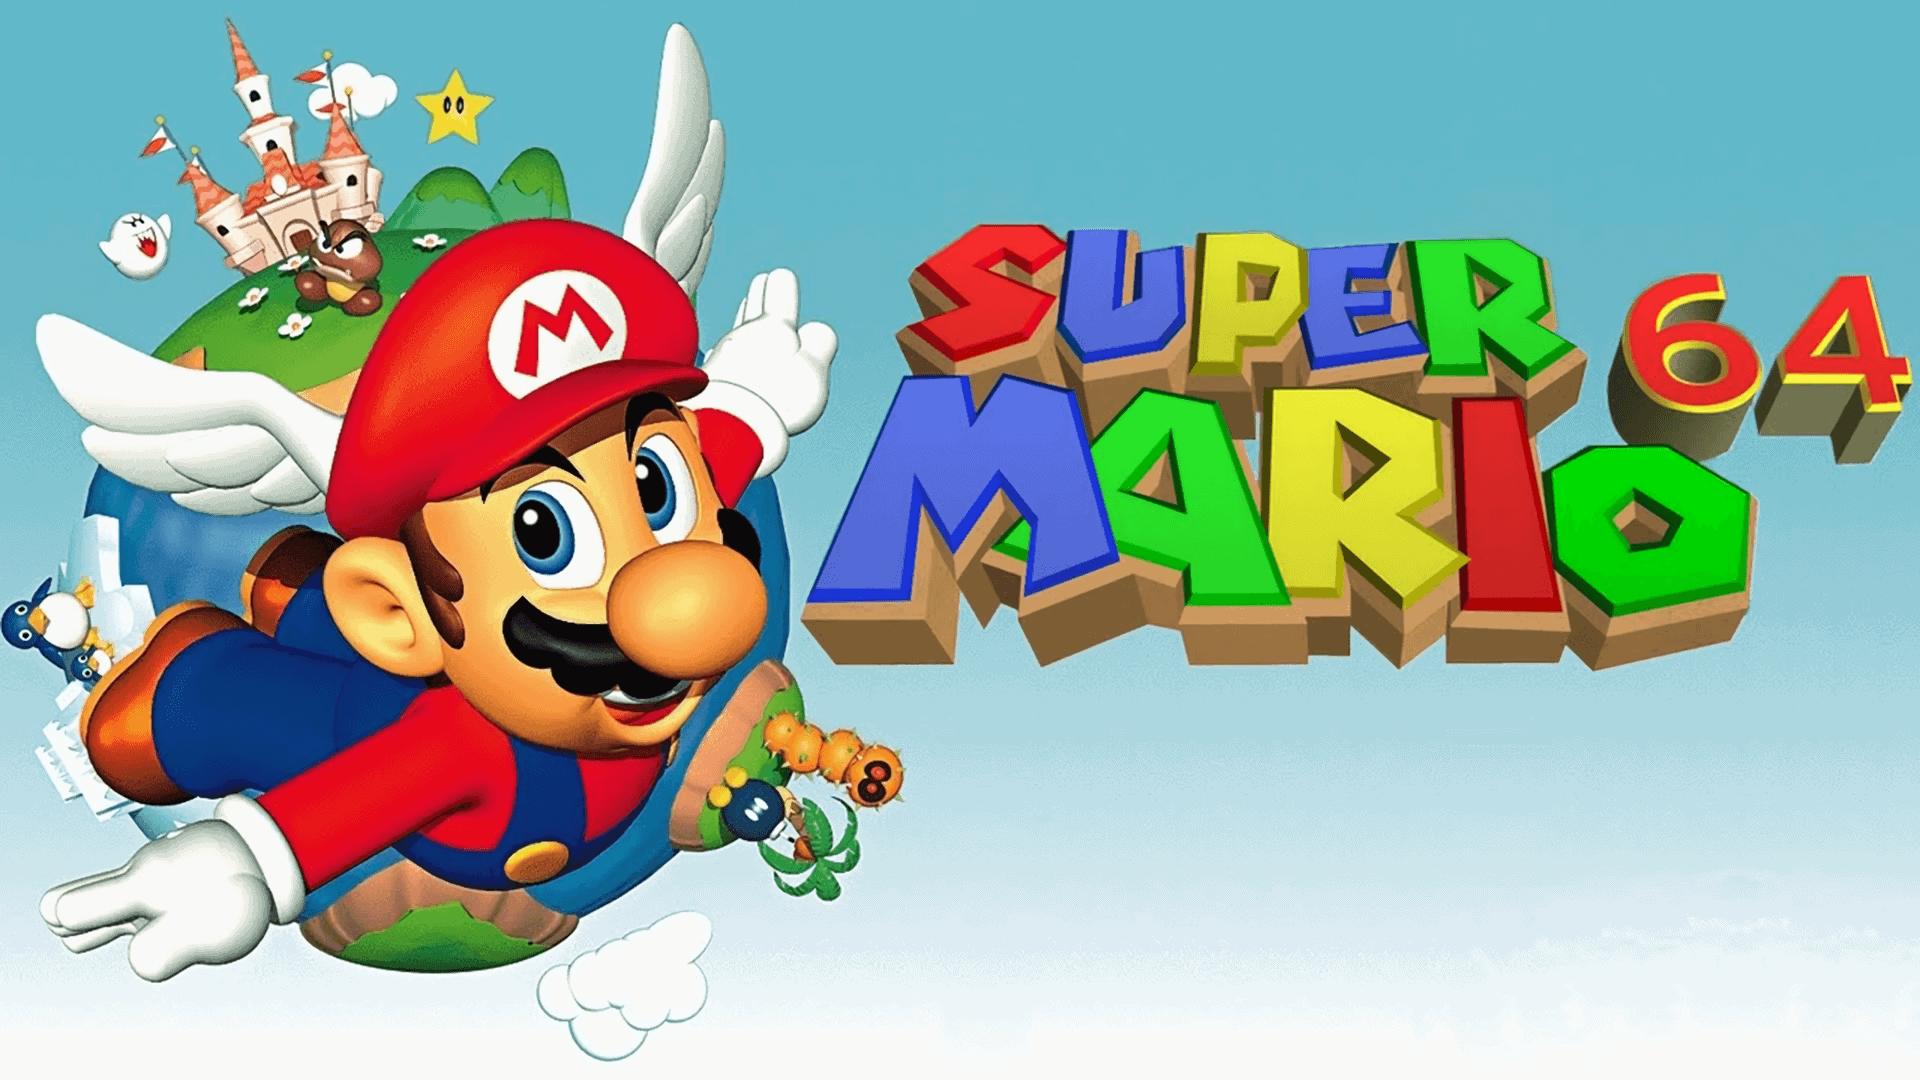 Best Super Mario Games - Super Mario 64